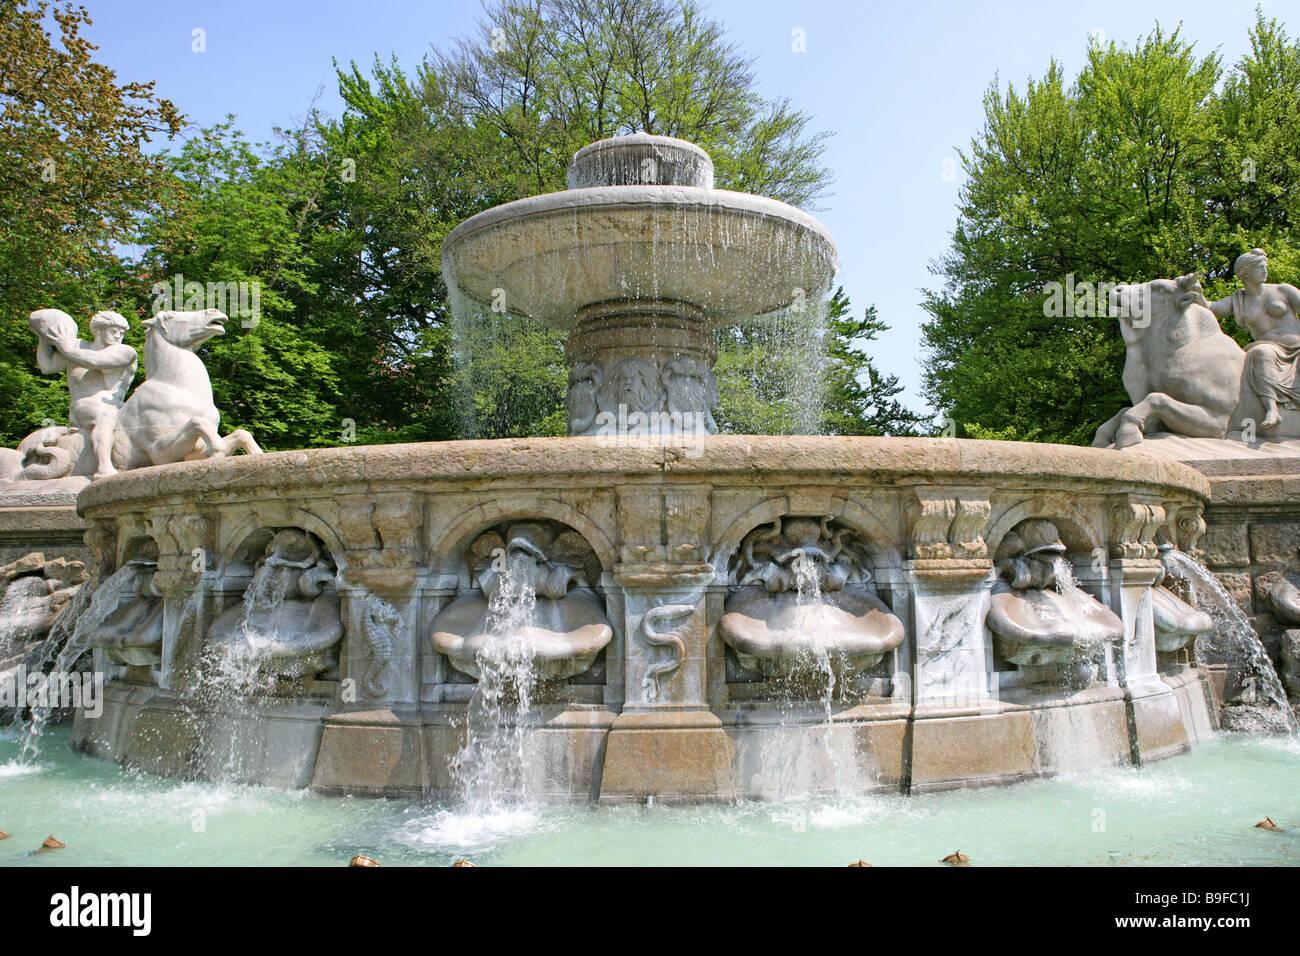 Germany Bavaria Munich Wittelsbacher Brunnen  Adolf of hildebrandt Bavaria sculpture sculptor-art wells well-installation Stock Photo